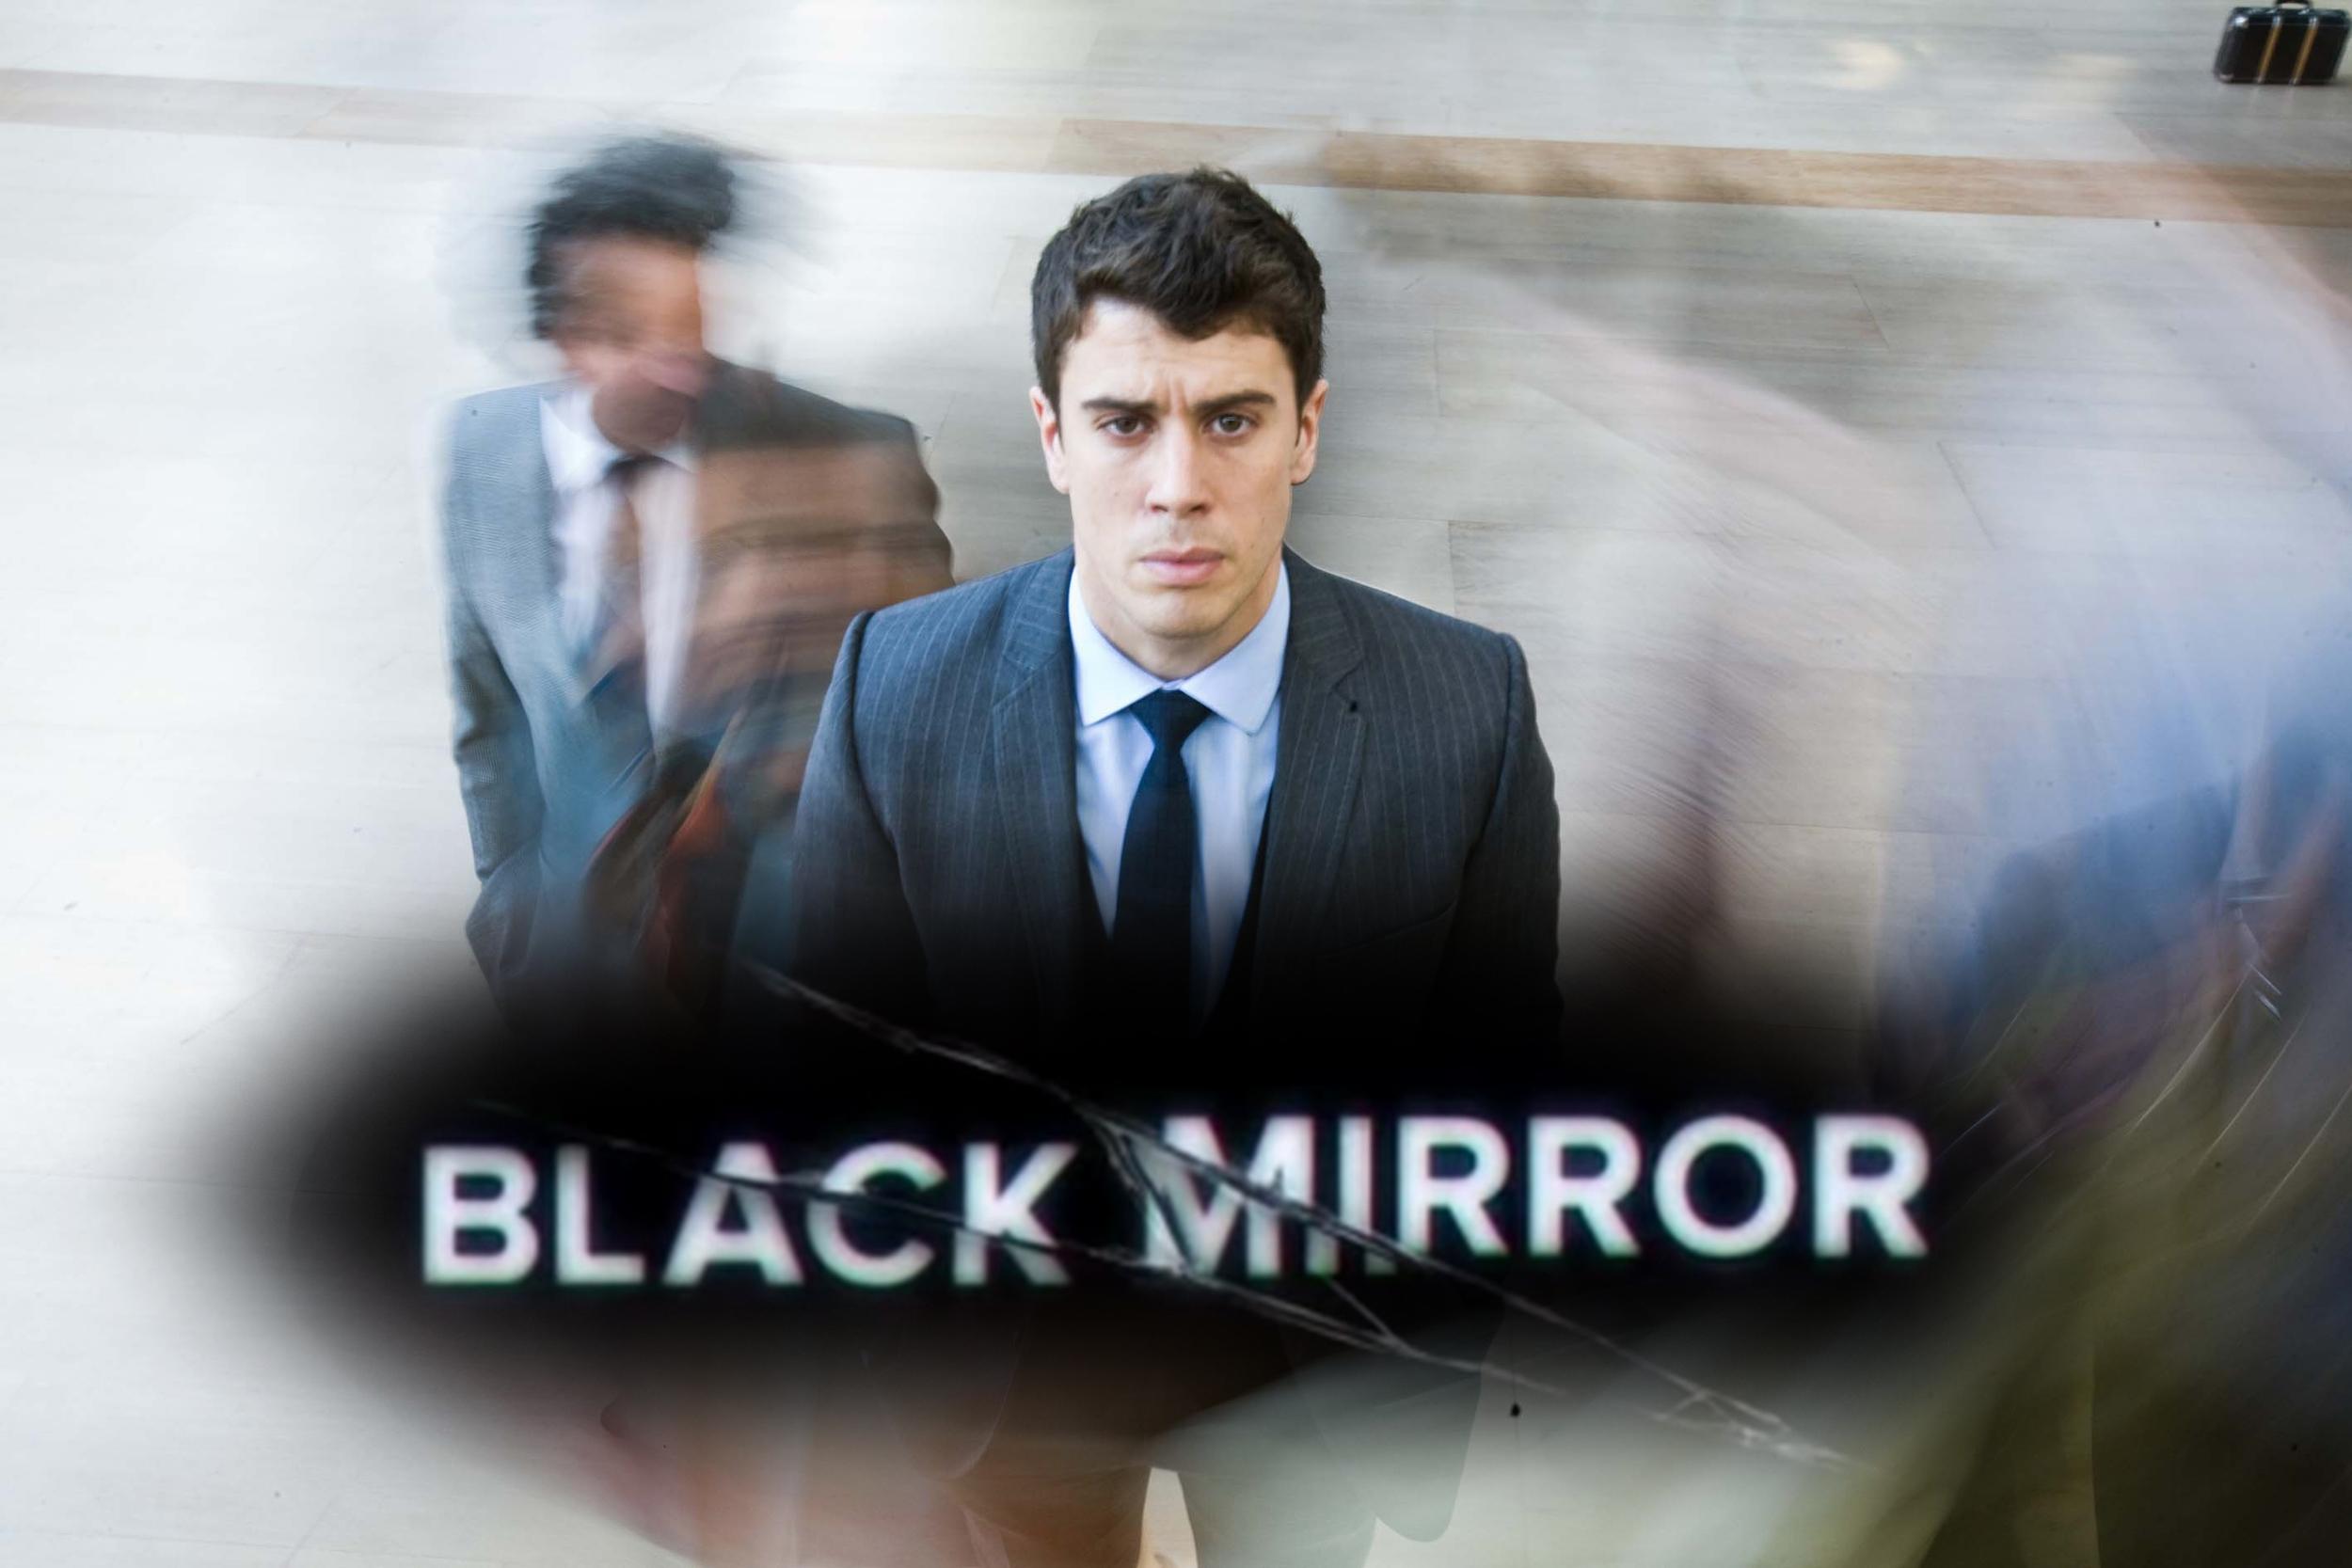 """Episode 56: Black Mirror, Part I<a href=""""http://www.strideandsaunter.com/new-blog/2015/9/26/episode-56-black-mirror-part-i"""">Listen →</a></p>"""